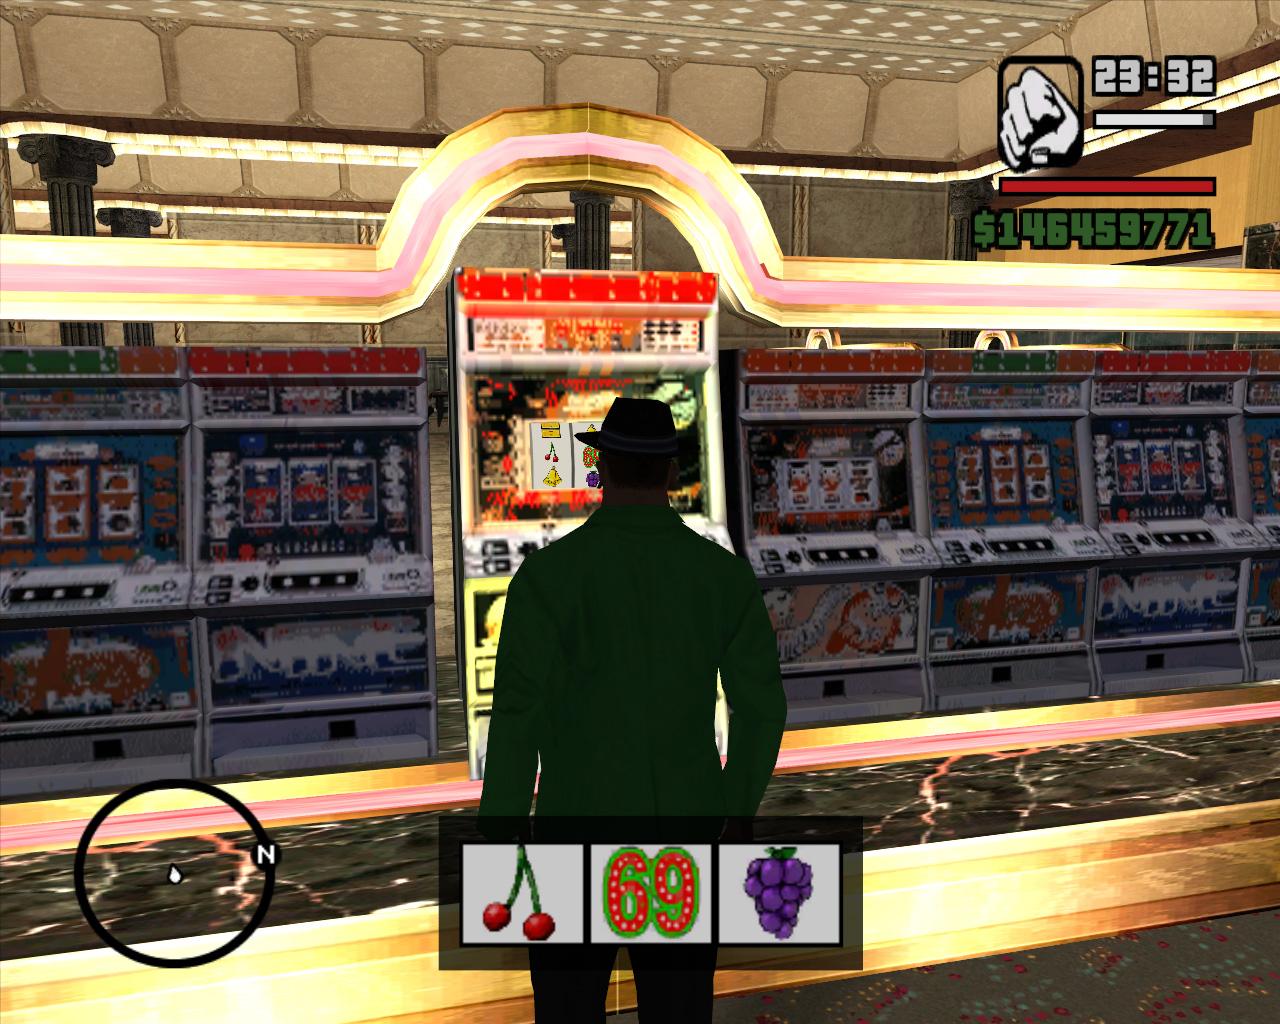 Gta gambling casino atmore